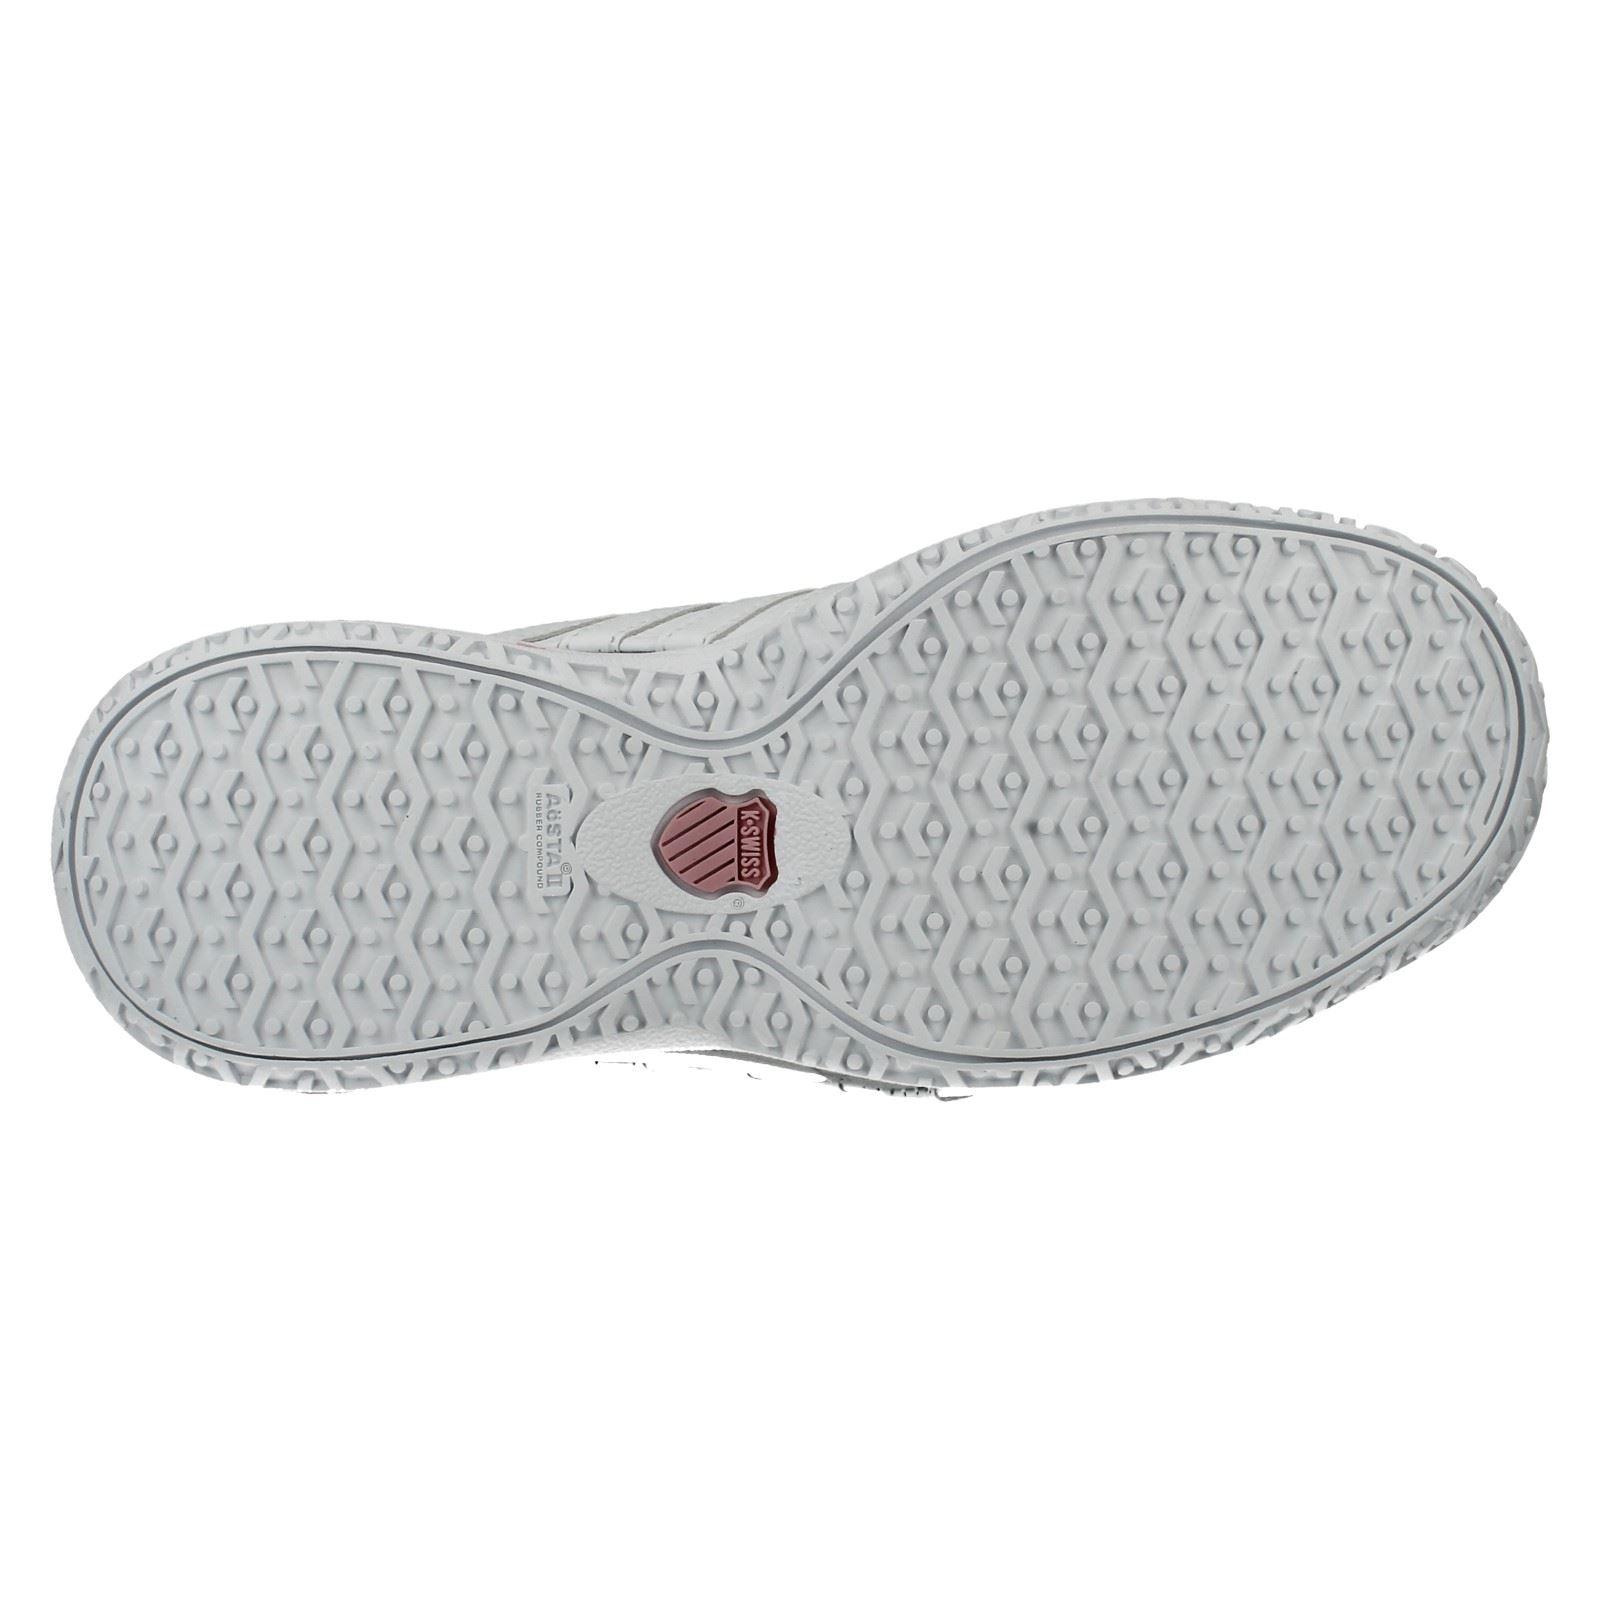 Damas K-Swiss Zapatillas Etiqueta sobrecarga Omni